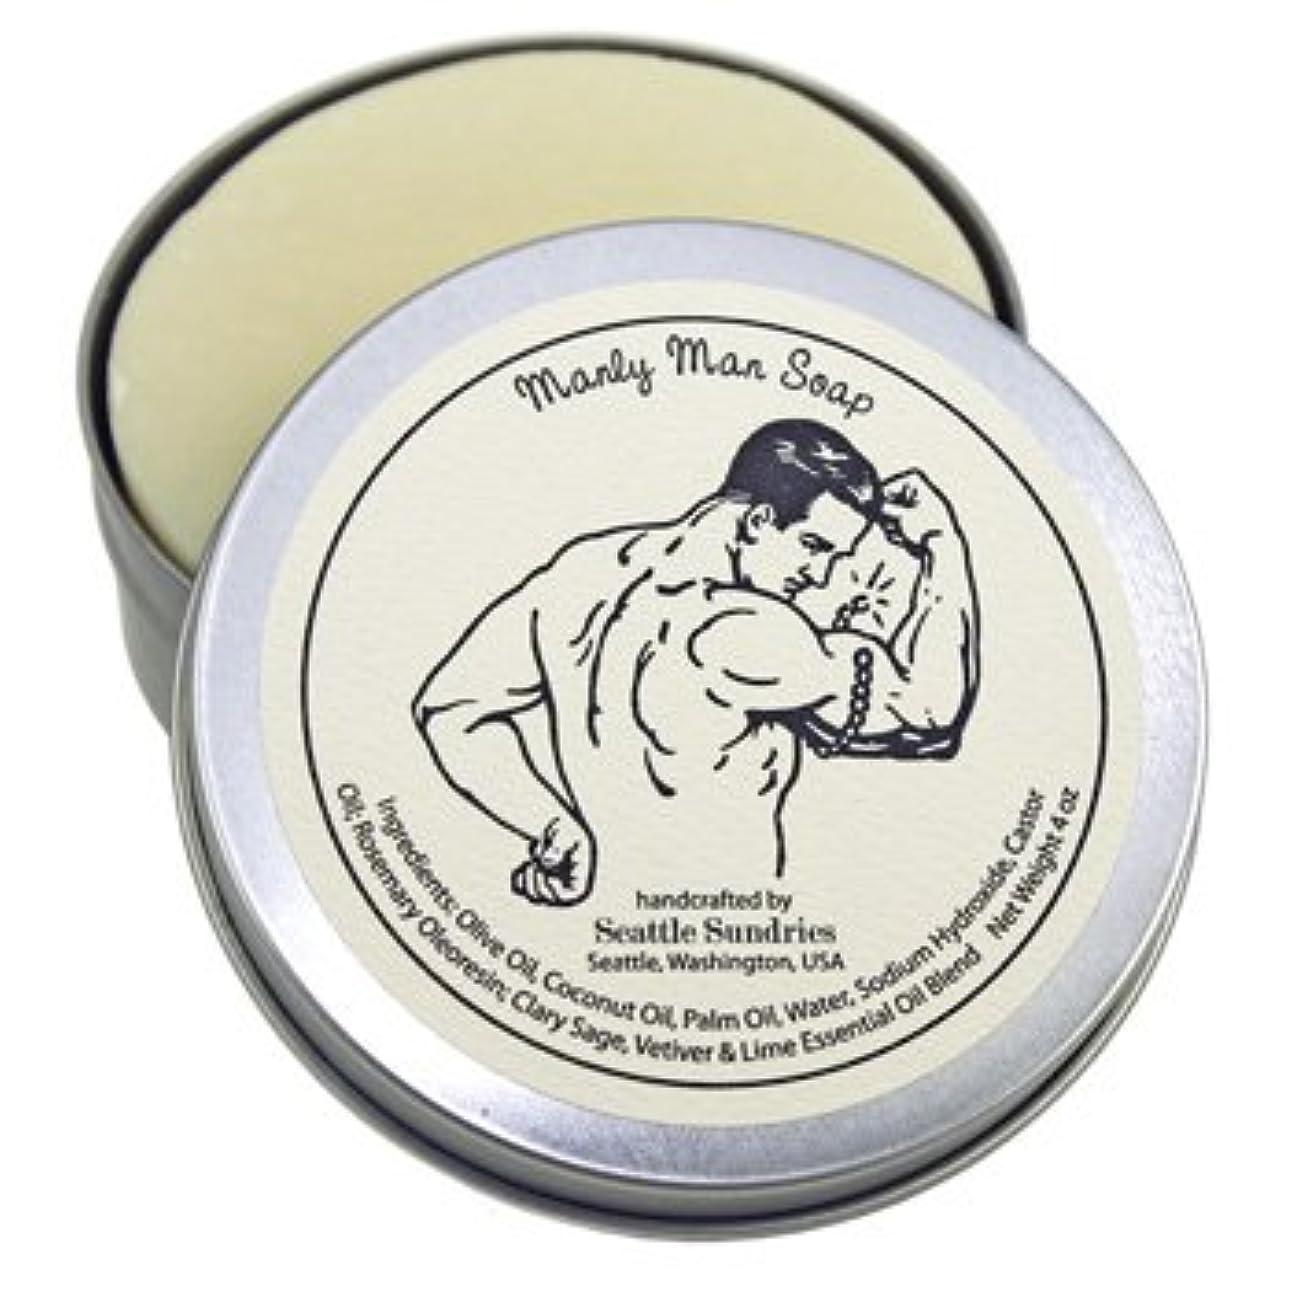 アレルギー性砂漠長さシアトル石鹸 Manly Man / 雄々しい男 Seattle Sundries社製